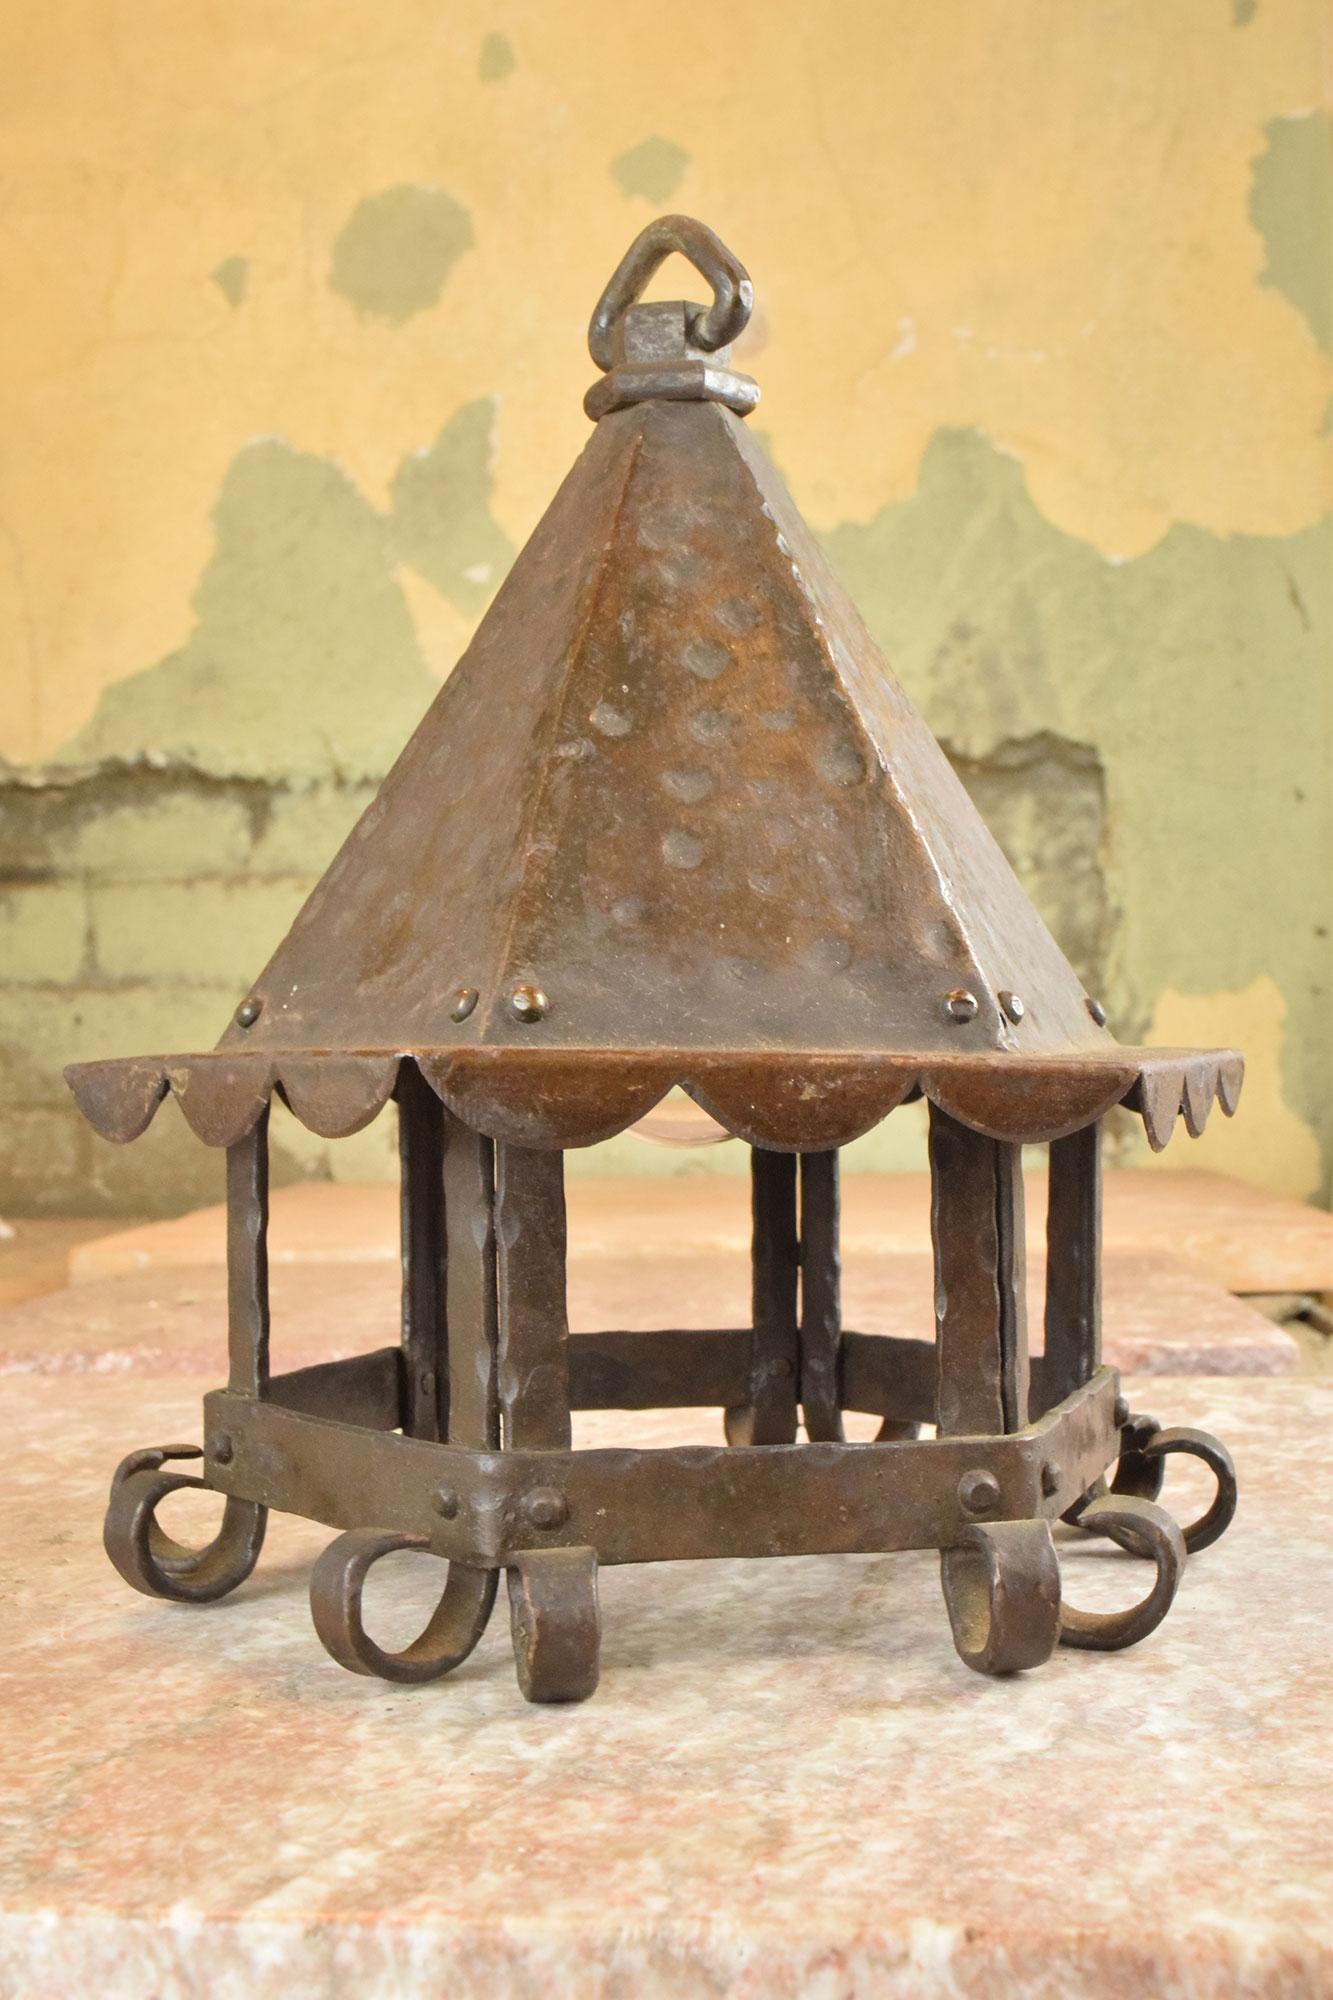 46954-hammered-bronze-sconce-lantern.jpg